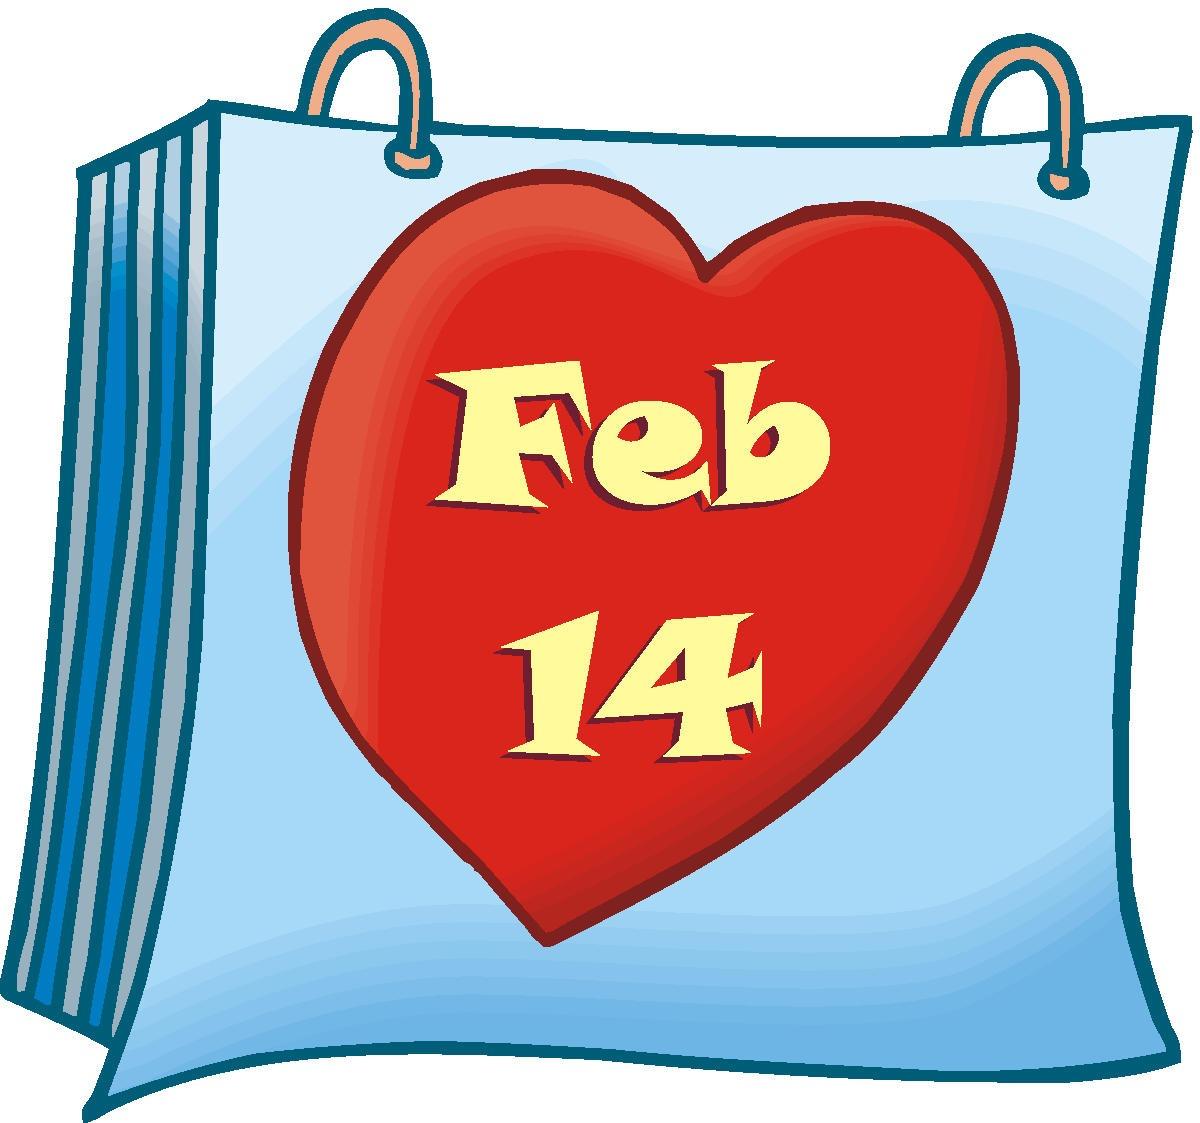 February18